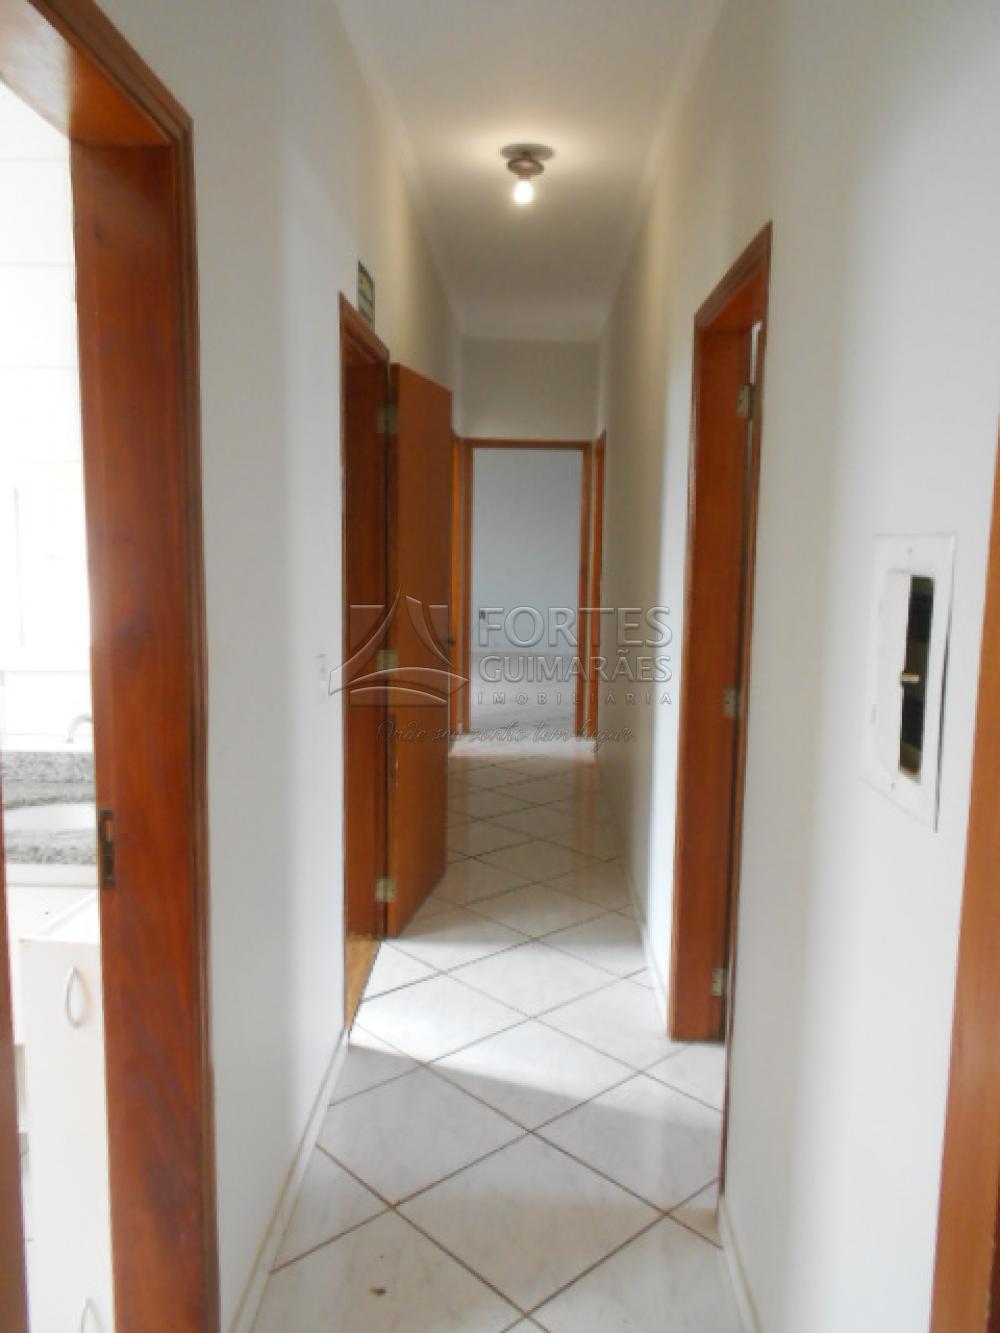 Alugar Casas / Padrão em Ribeirão Preto apenas R$ 12.000,00 - Foto 20